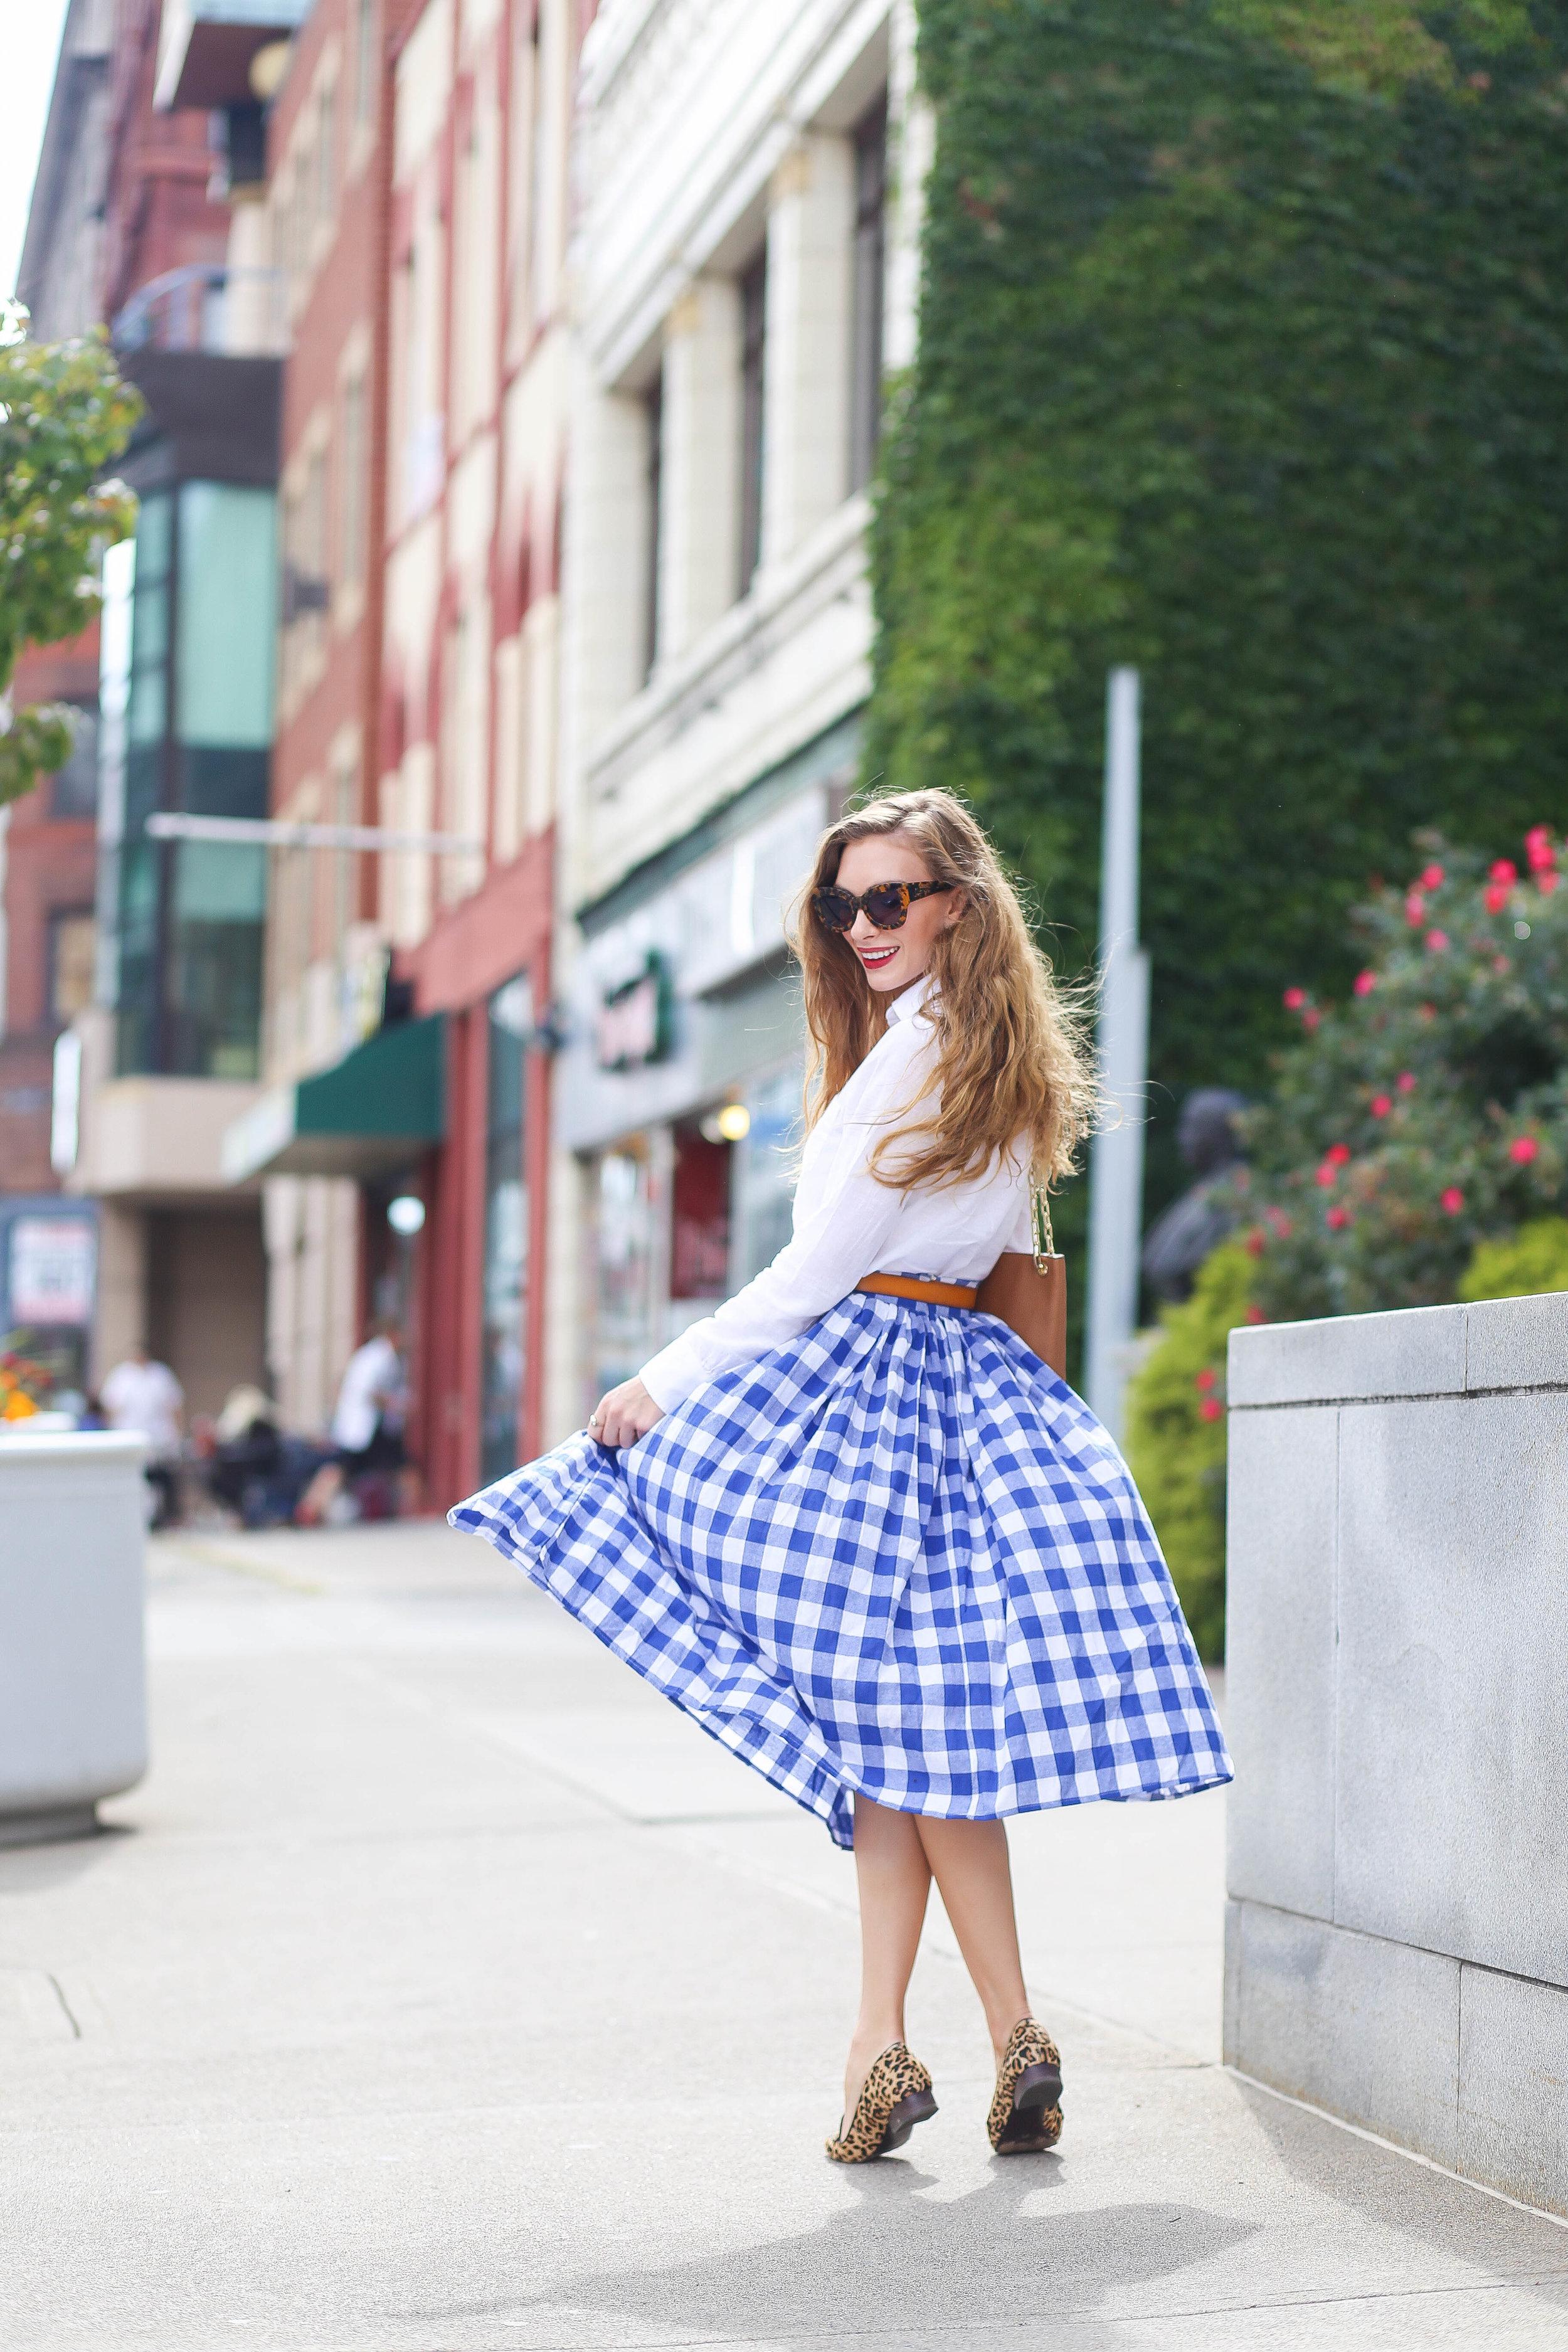 Prep In My Step- Enchanting Elegance